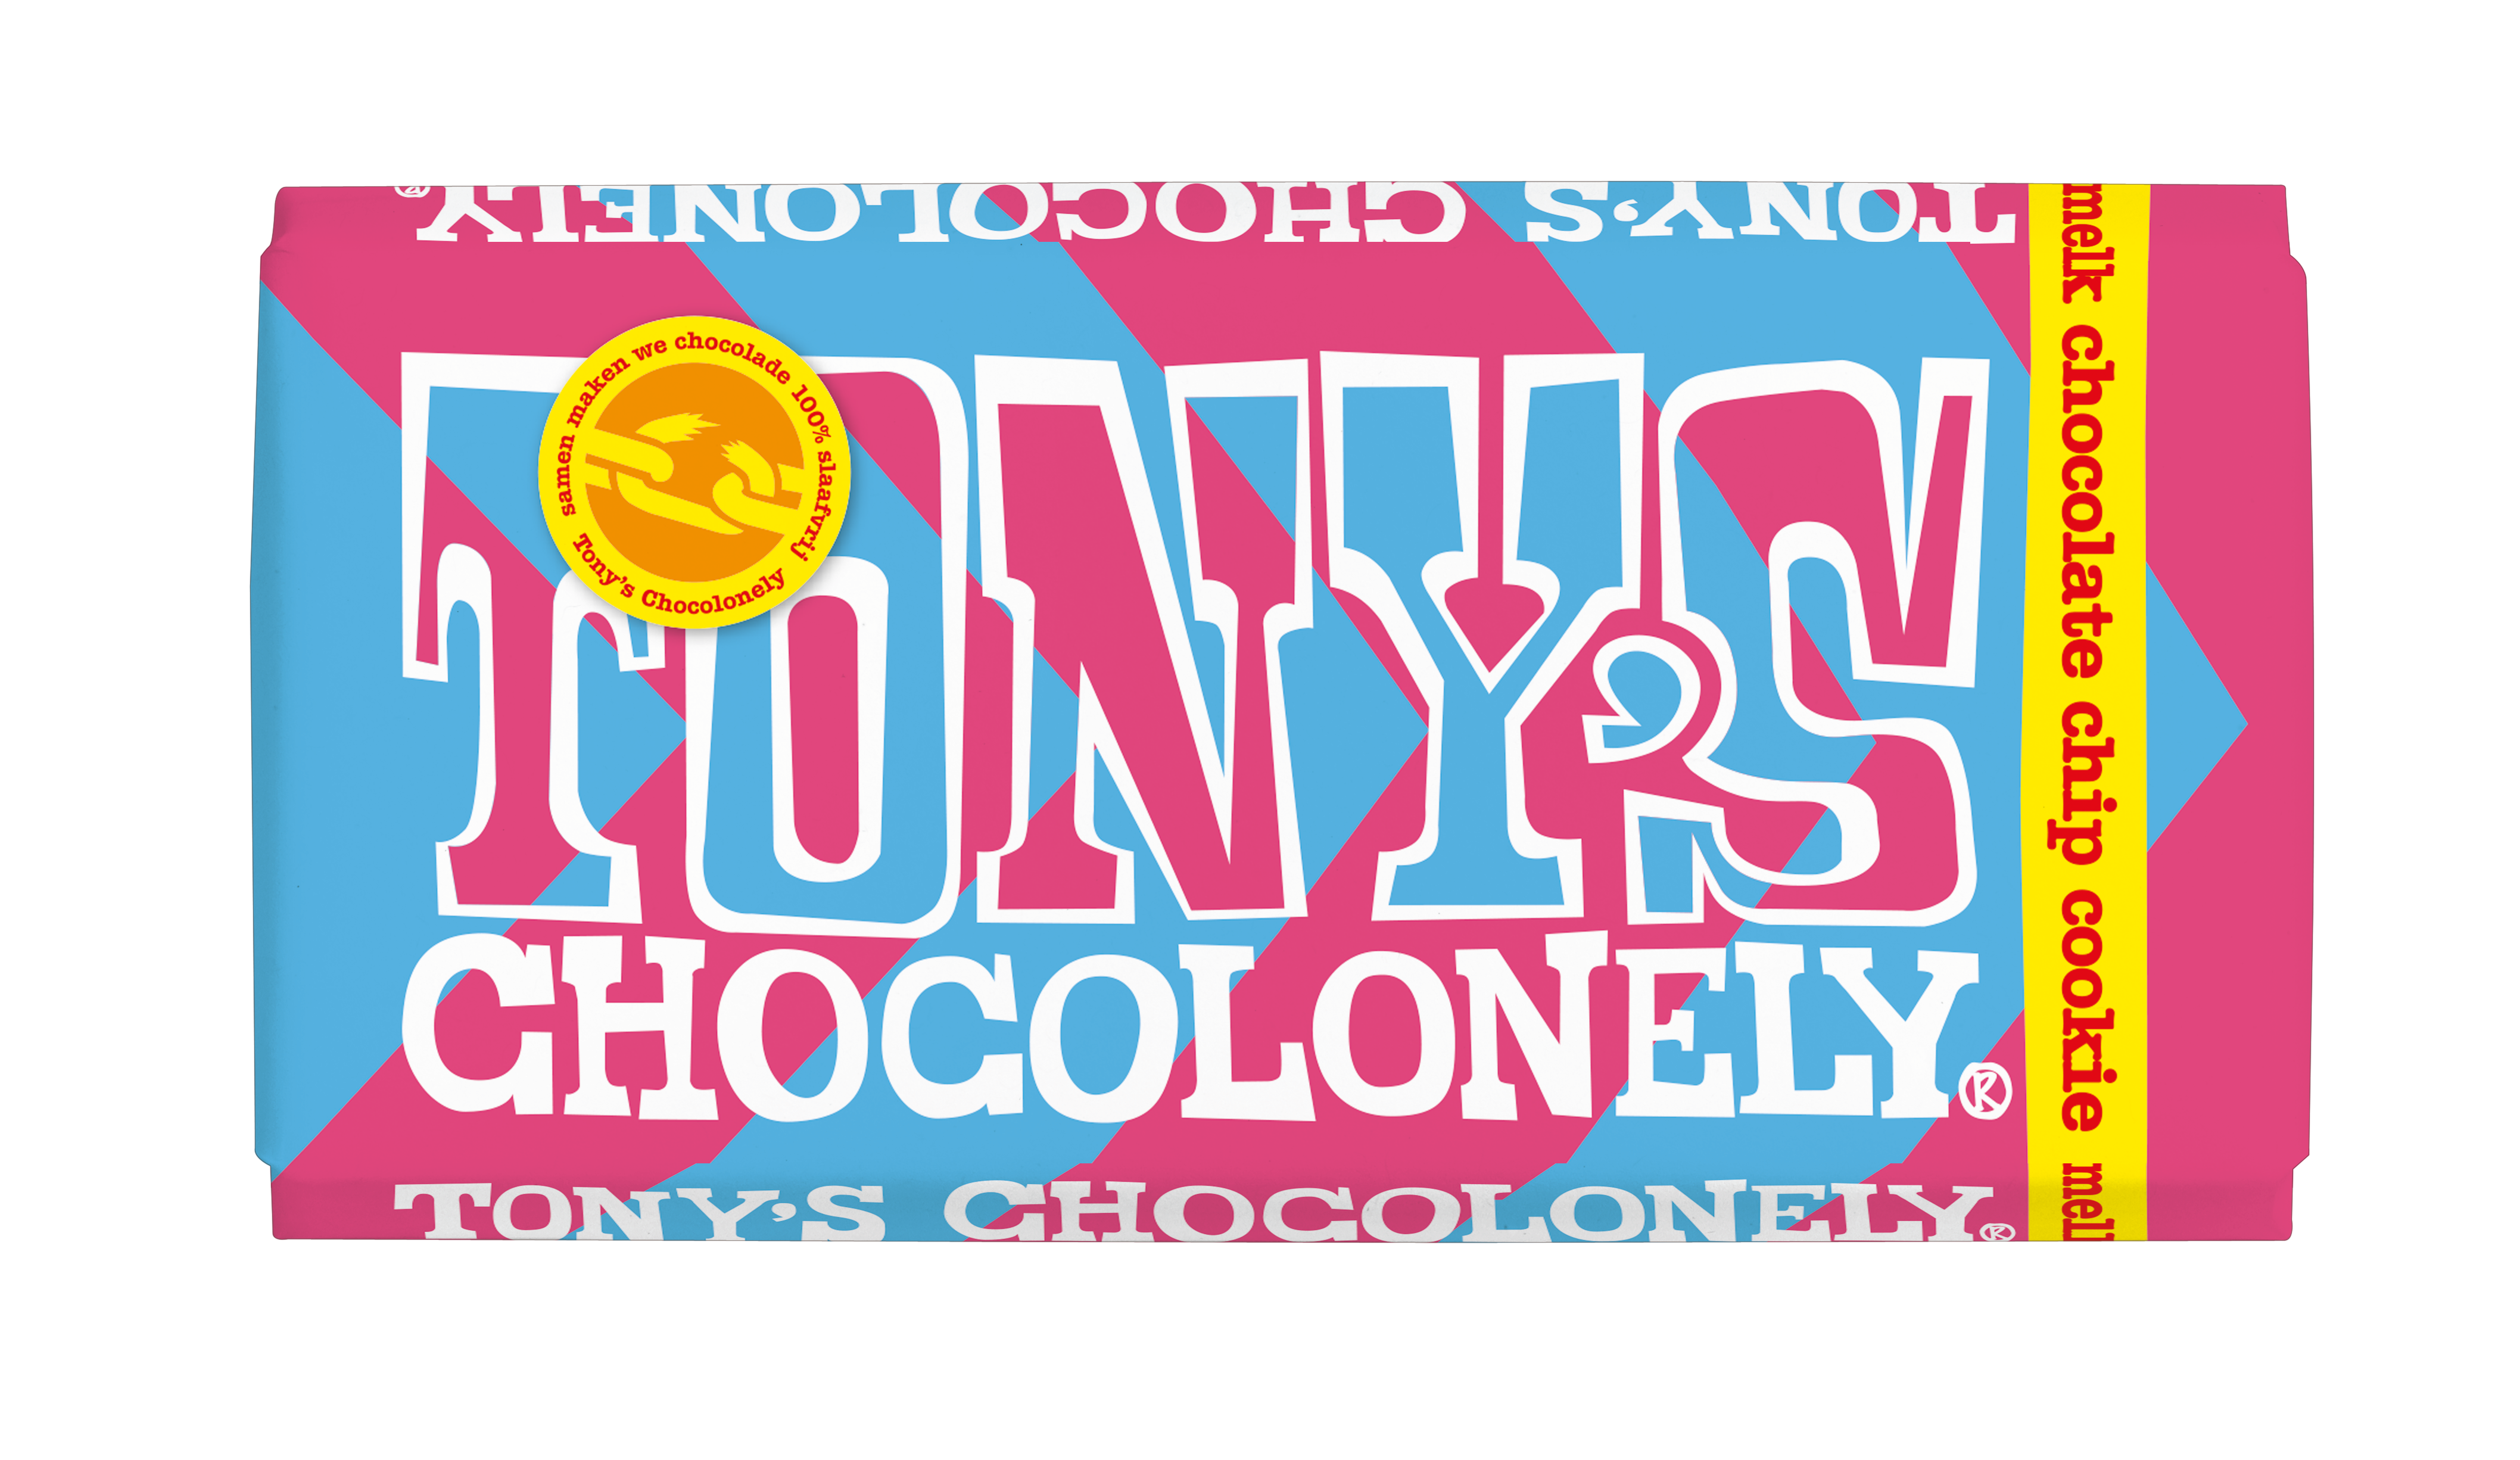 NIEUW melk chocolate chip cookie